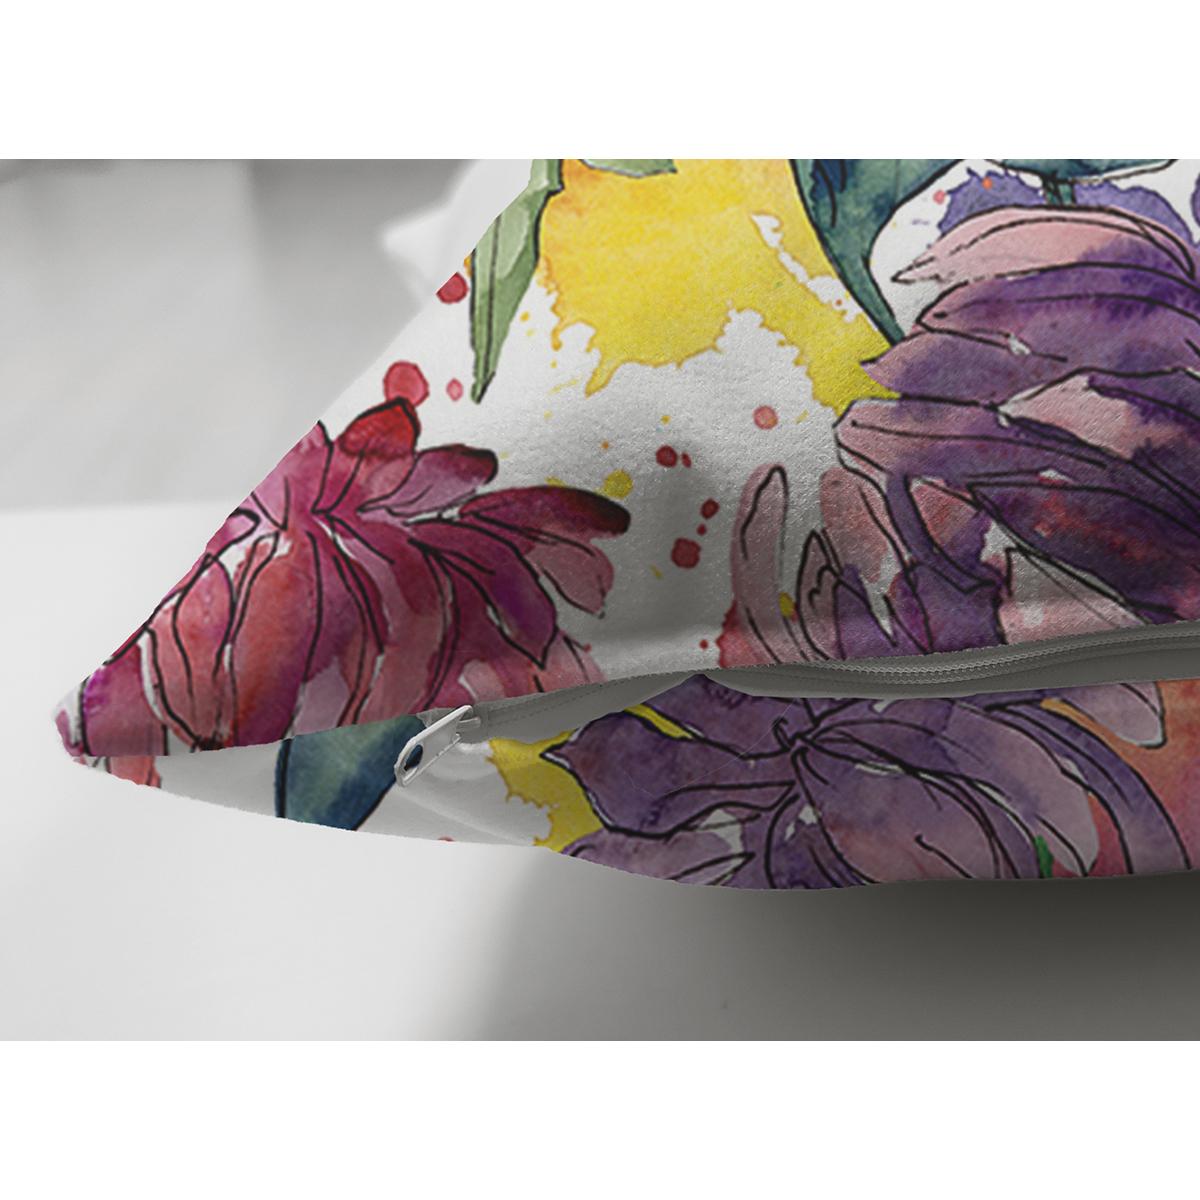 Çift Taraflı Beyaz Zemin Üzerinde Renkli Soyut Çizimli Çiçek Desenli Süet Yastık Kırlent Kılıfı Realhomes